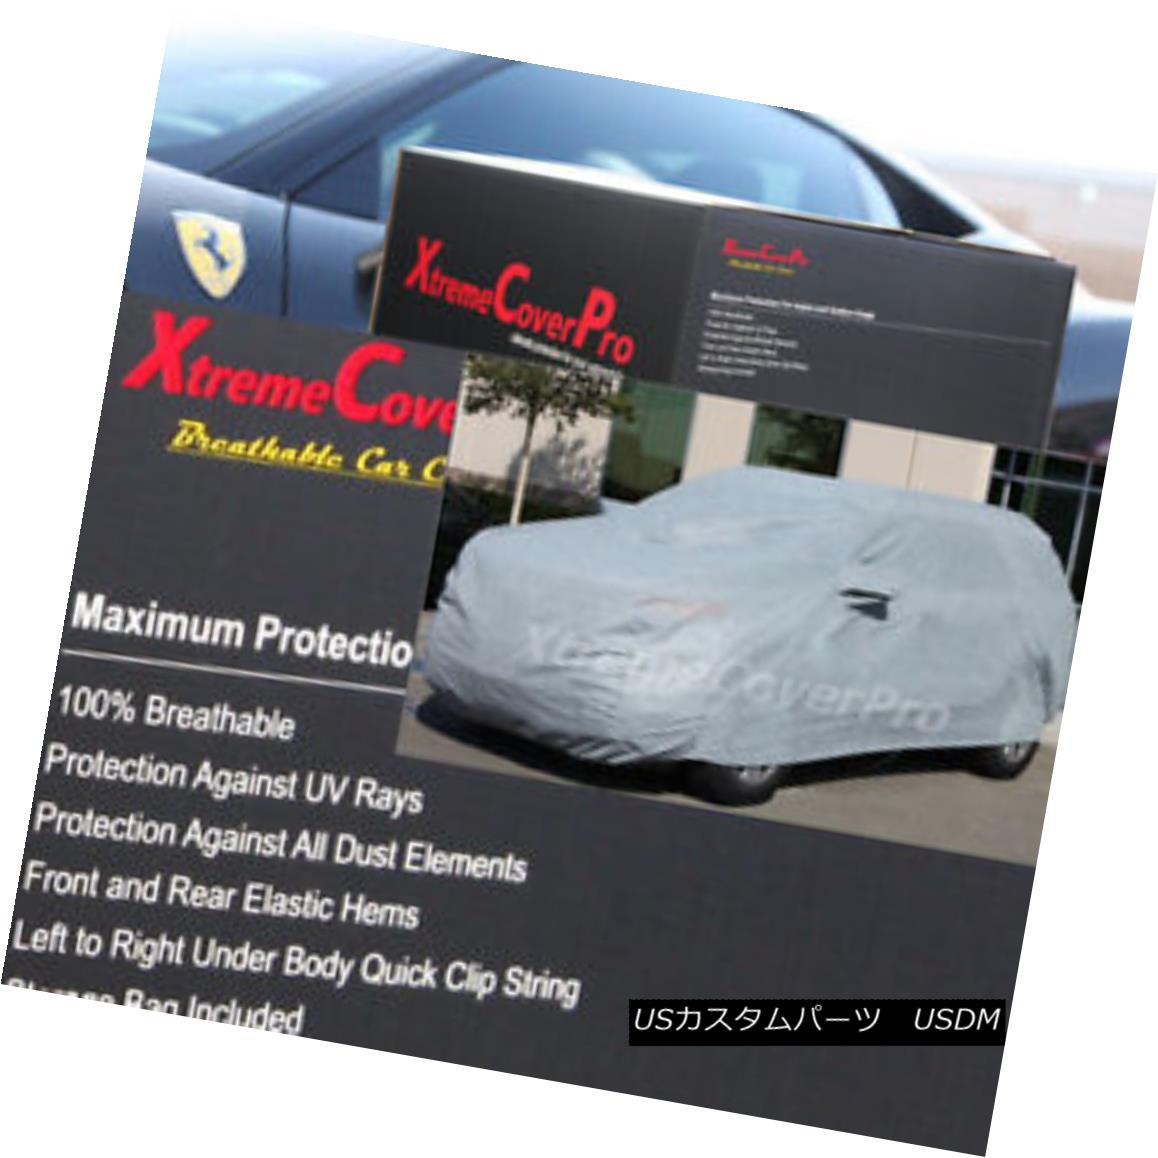 カーカバー 2001 2002 Lincoln Navigator SWB Breathable Car Cover w/MirrorPocket 2001年2002年リンカーンナビゲーターSWB通気性カーカバー付き(MirrorPocket)